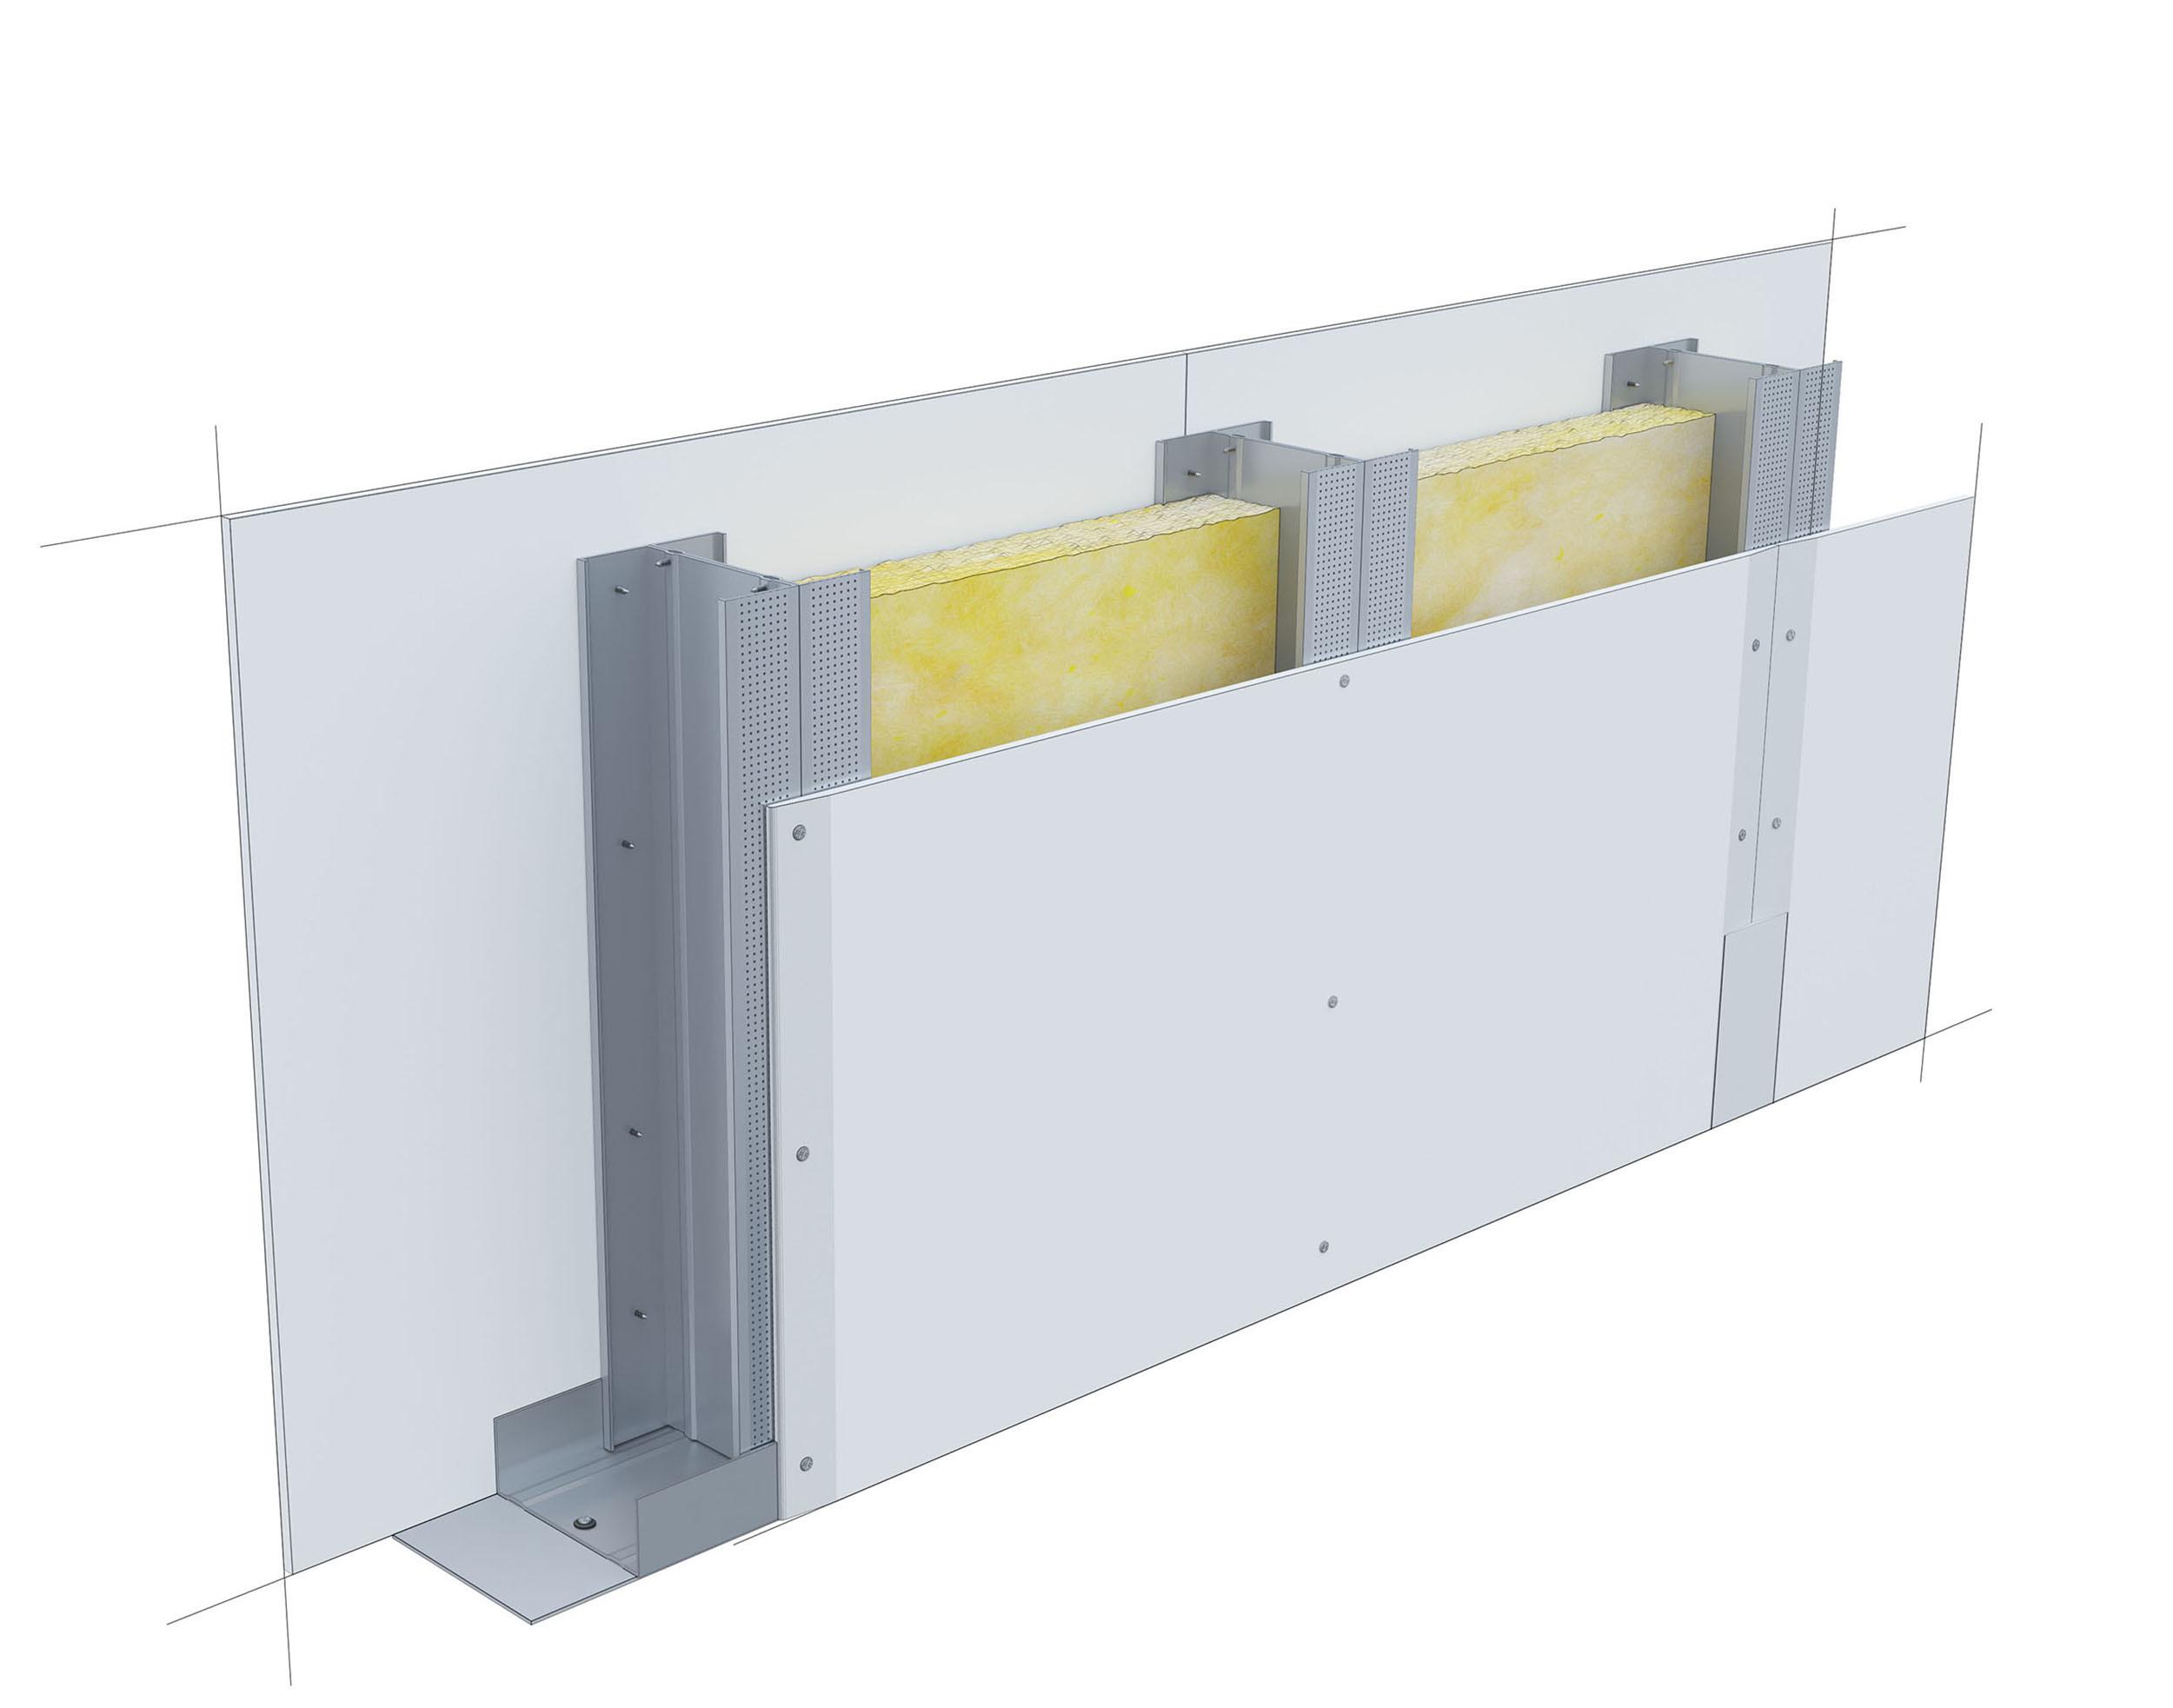 Perete D125, CW100-H@60, 2x1 Standard 12.5 + MW